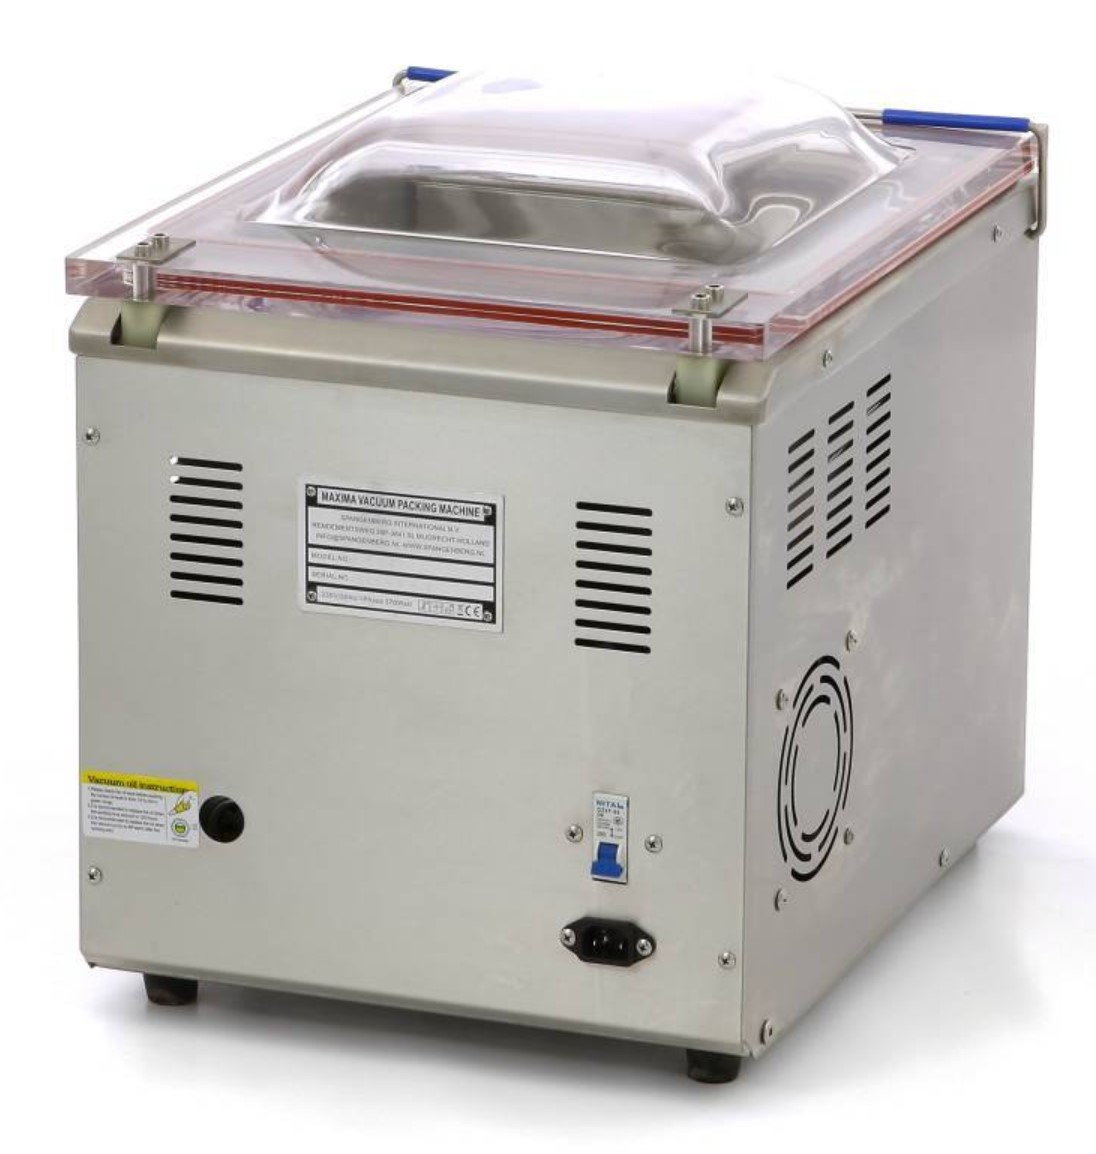 epaggelmatiki-mixanh-suskeuasias-vacuum-mvac-300-genikoemporio-zagorianos-4